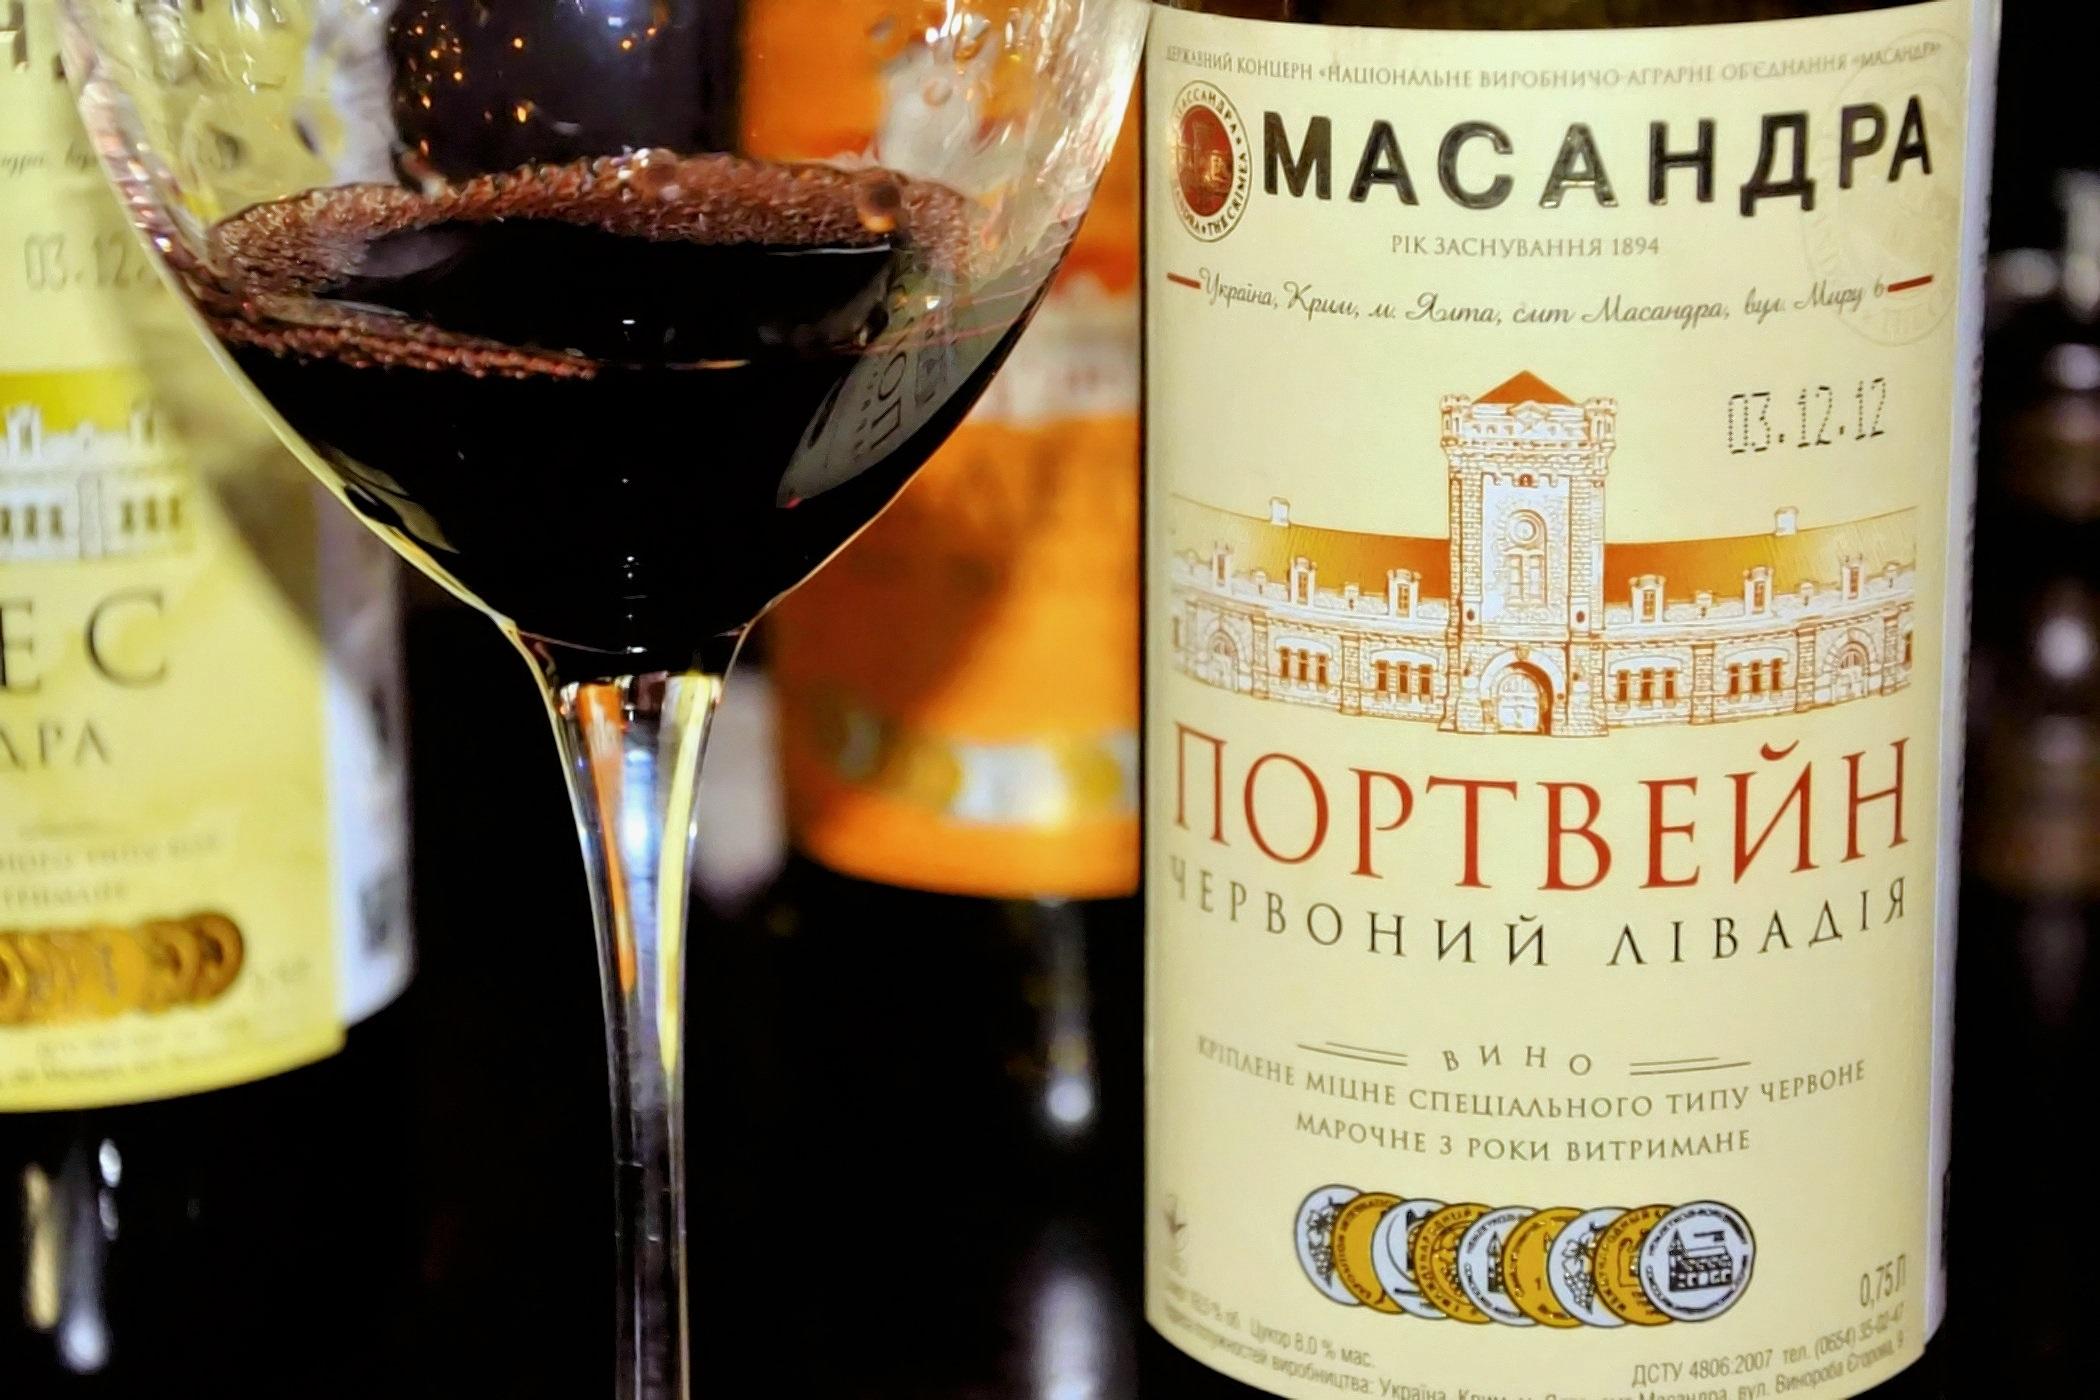 Crimean champagne: history, description 5